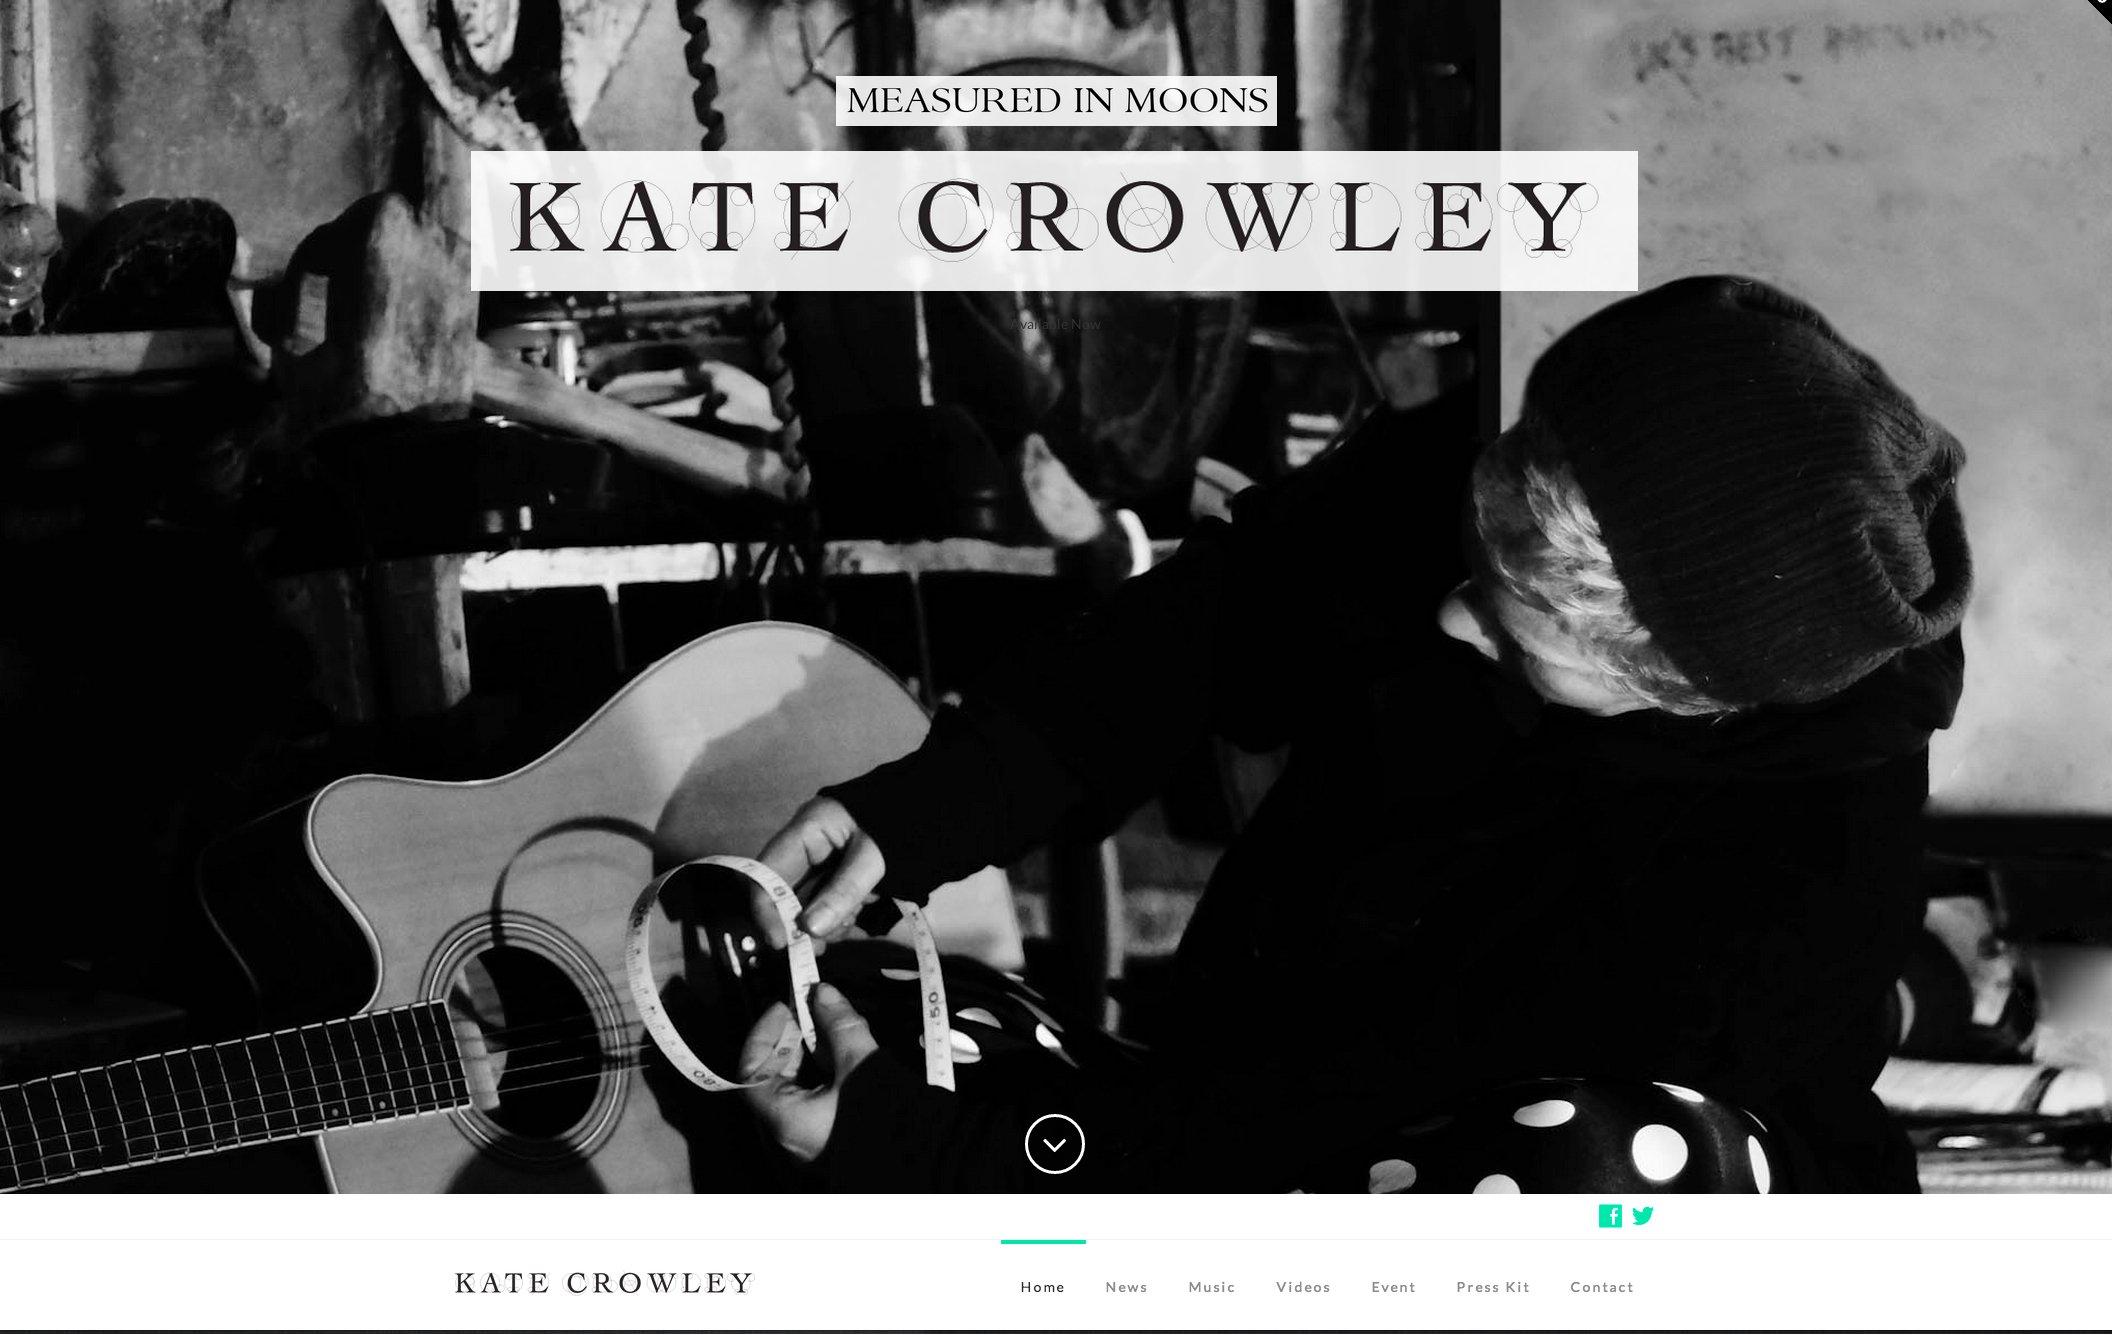 Kate Crowley website